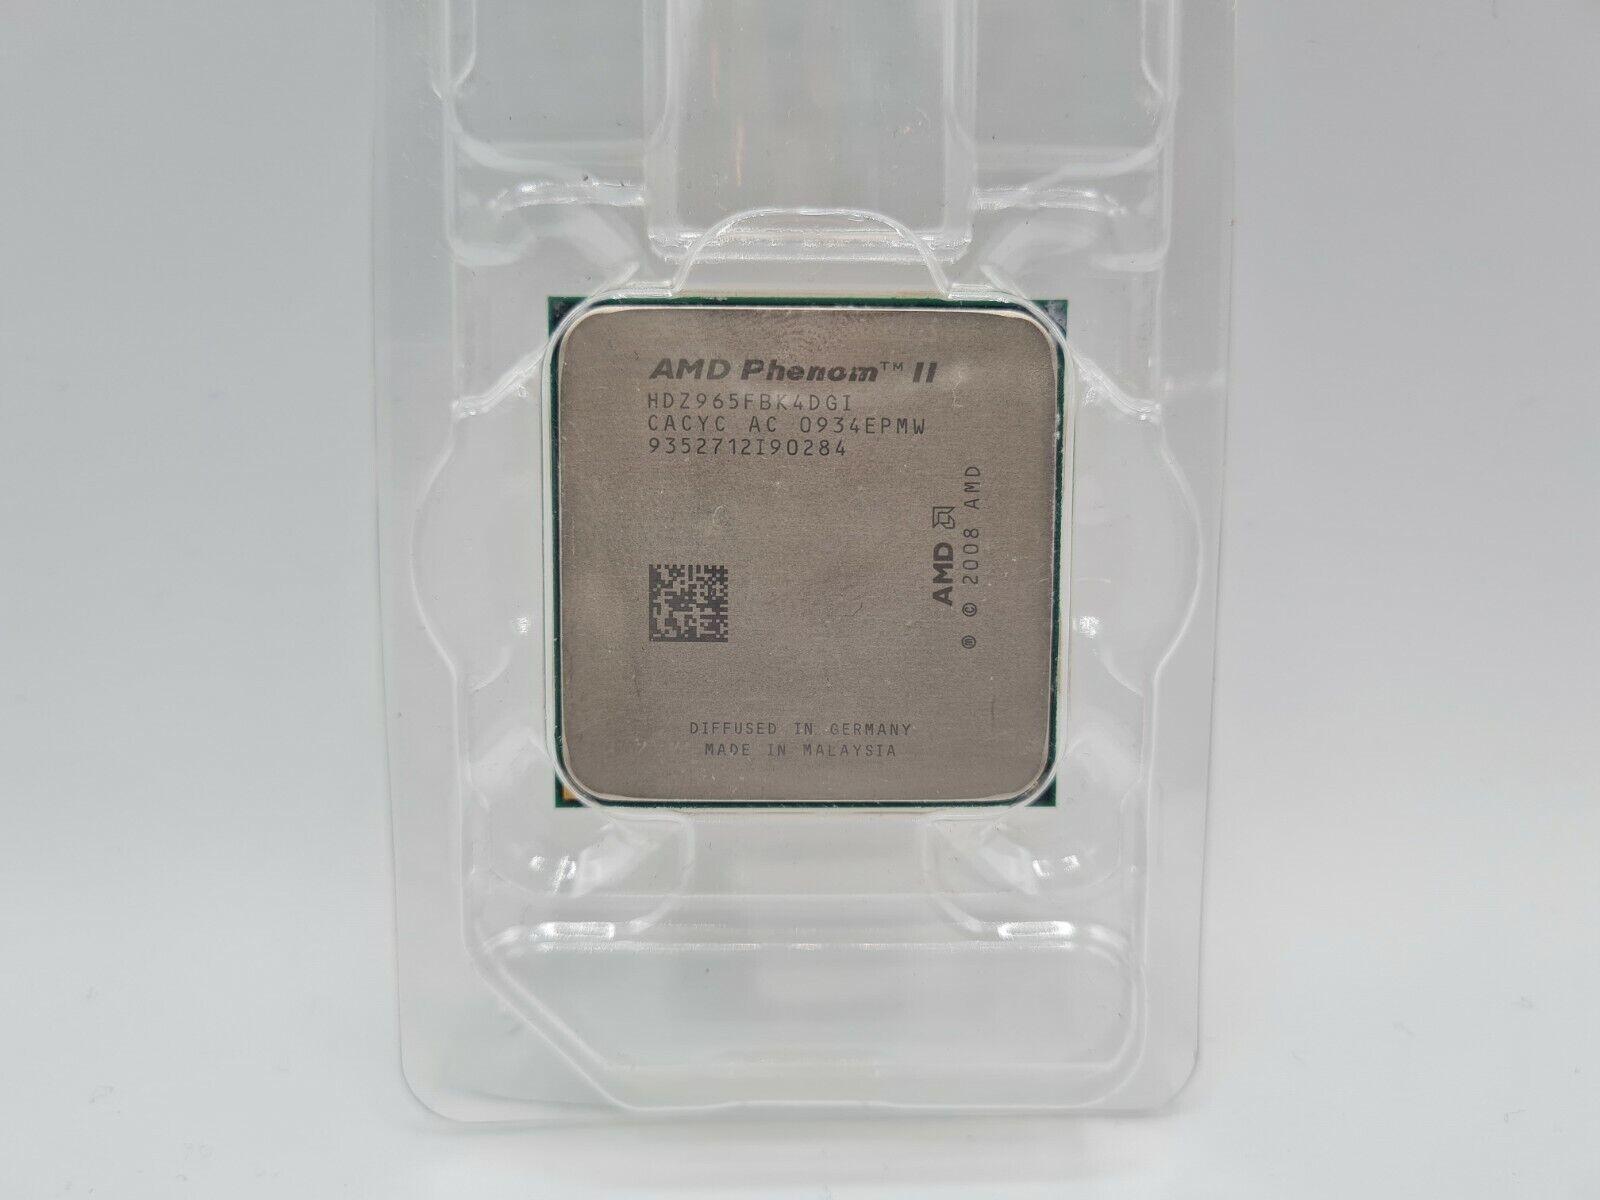 AMD Phenom II X4 965 4x 3.40GHz HDZ965FBK4DGM CPU AM2 AM3  - 24,99€